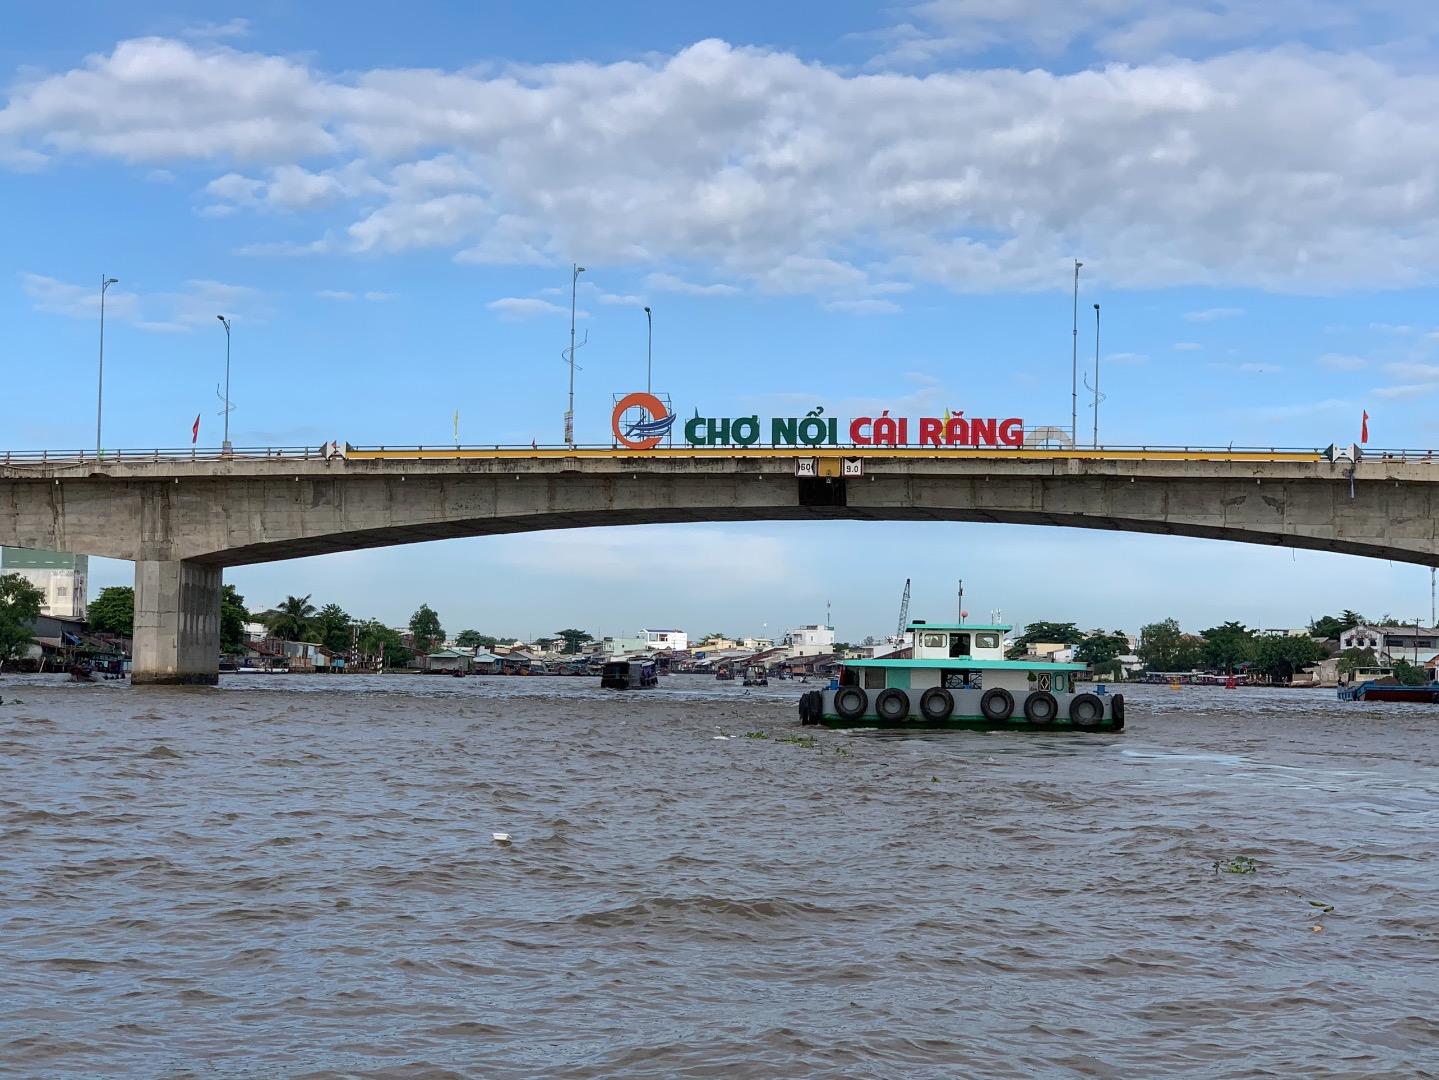 Tour Sóc Trăng - Bạc Liêu - Cần Thơ (3N2Đ) - Miền Tây Sông Nước